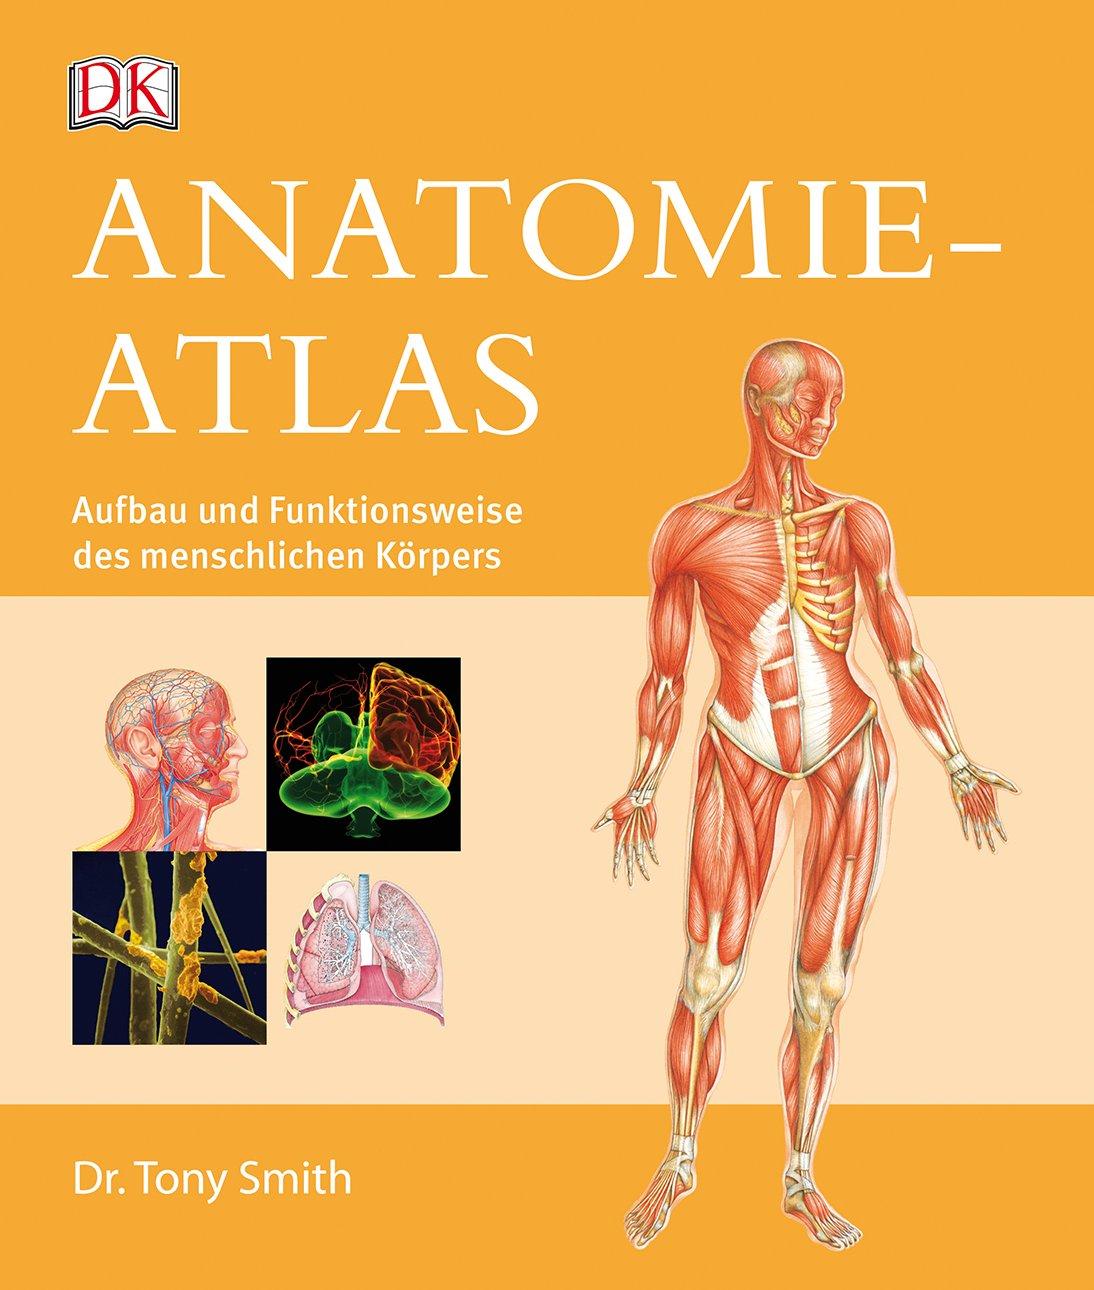 Anatomie-Atlas - Aufbau und Funktionsweise des menschlichen Körpers ...